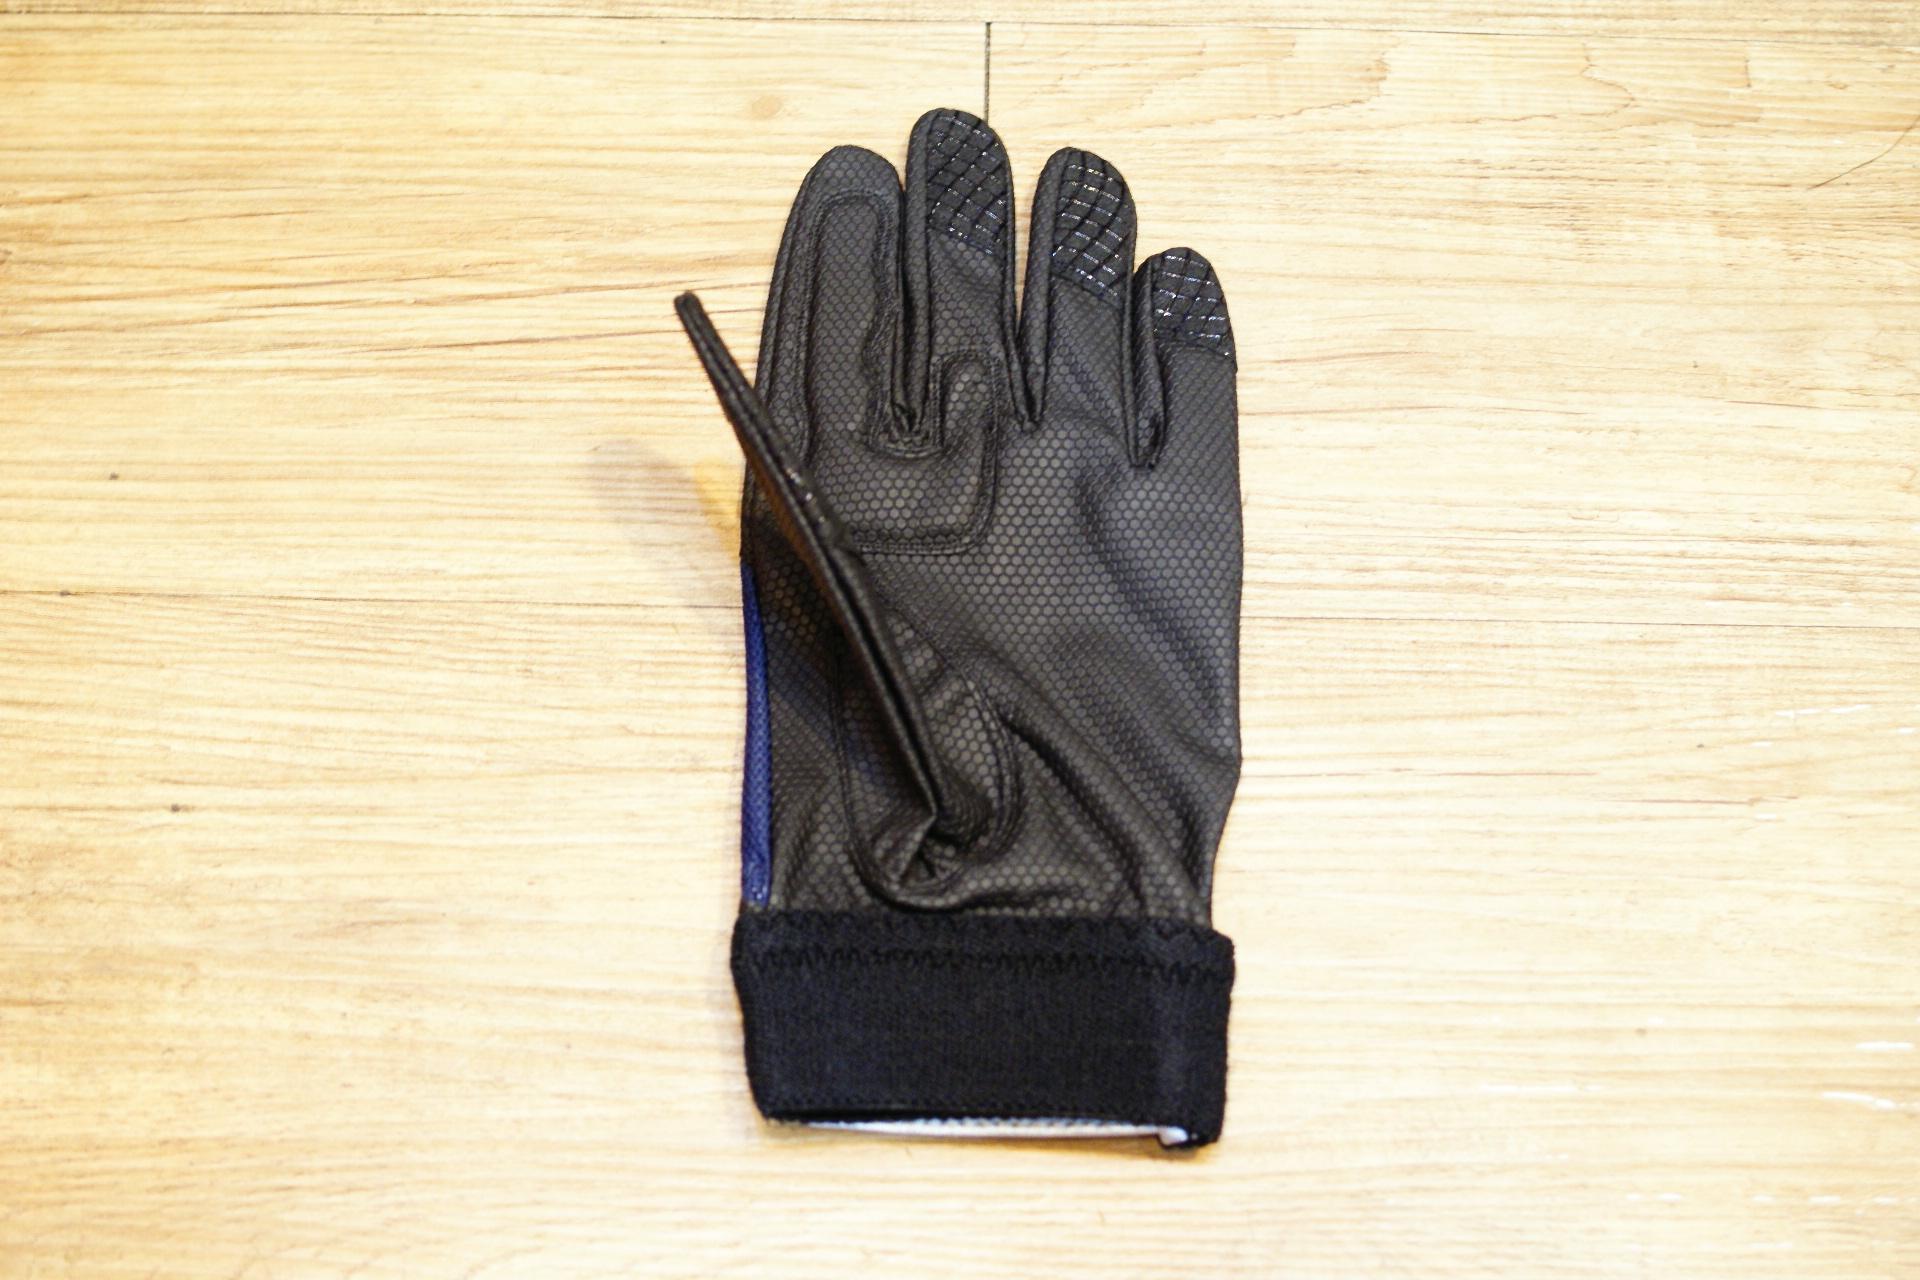 棒球世界 16年ZETT本壘版標全新配色款守備手套 特價 掌面止滑新設計/黑藍配色/